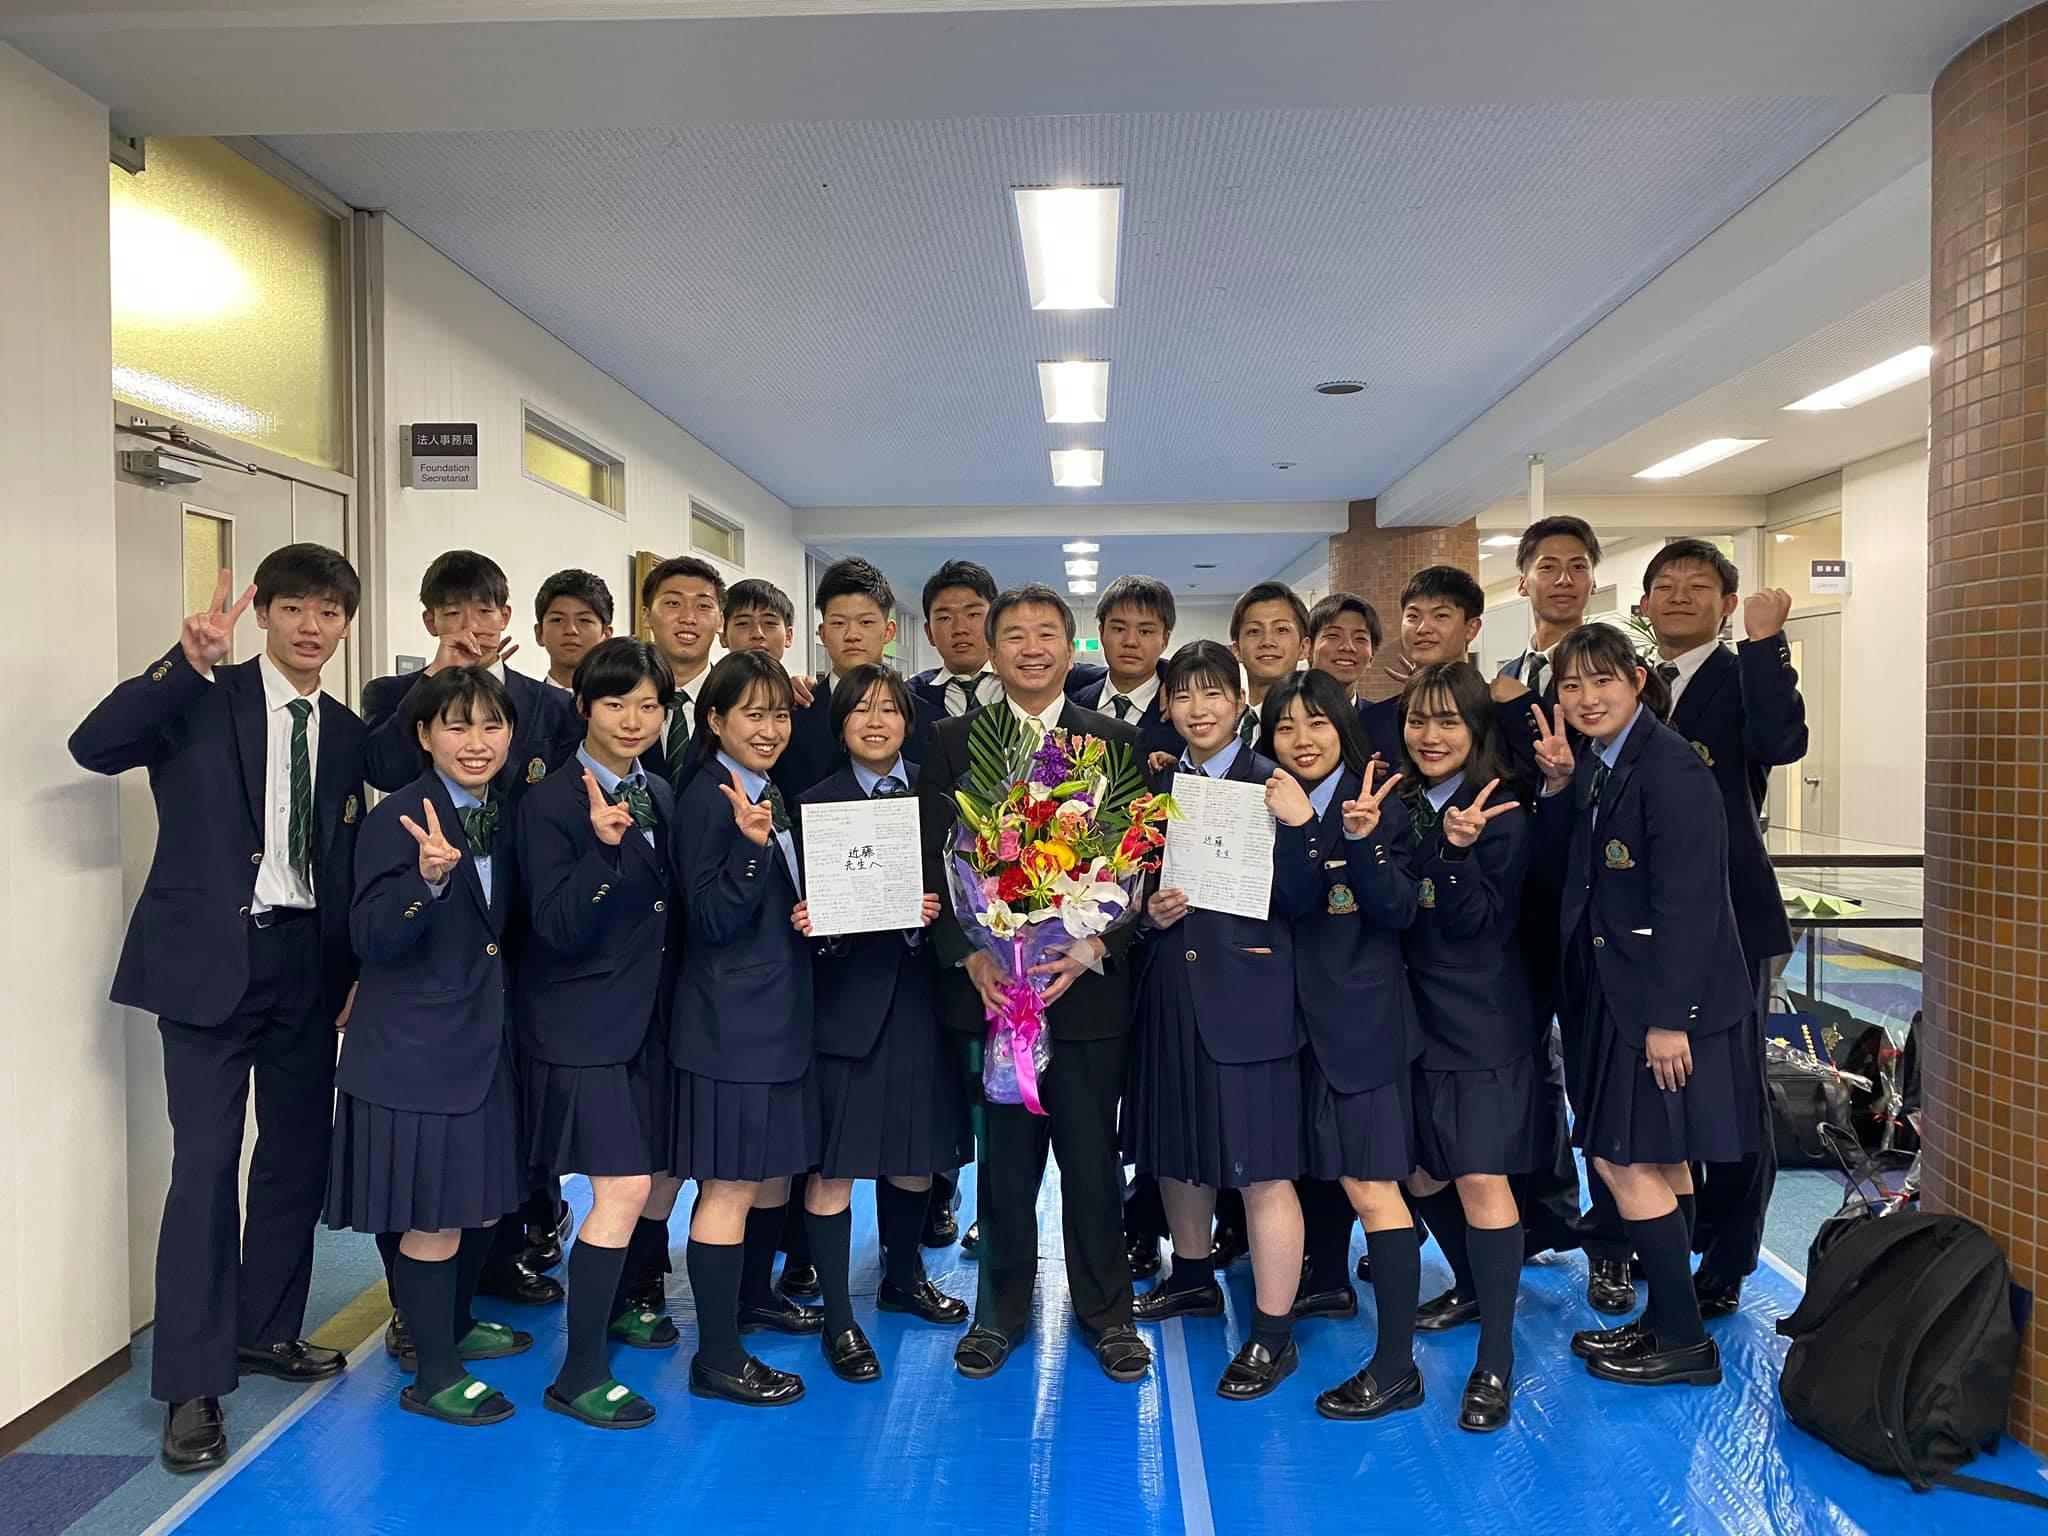 第115回 大阪学芸高等学校 卒業式_e0238098_15024862.jpg